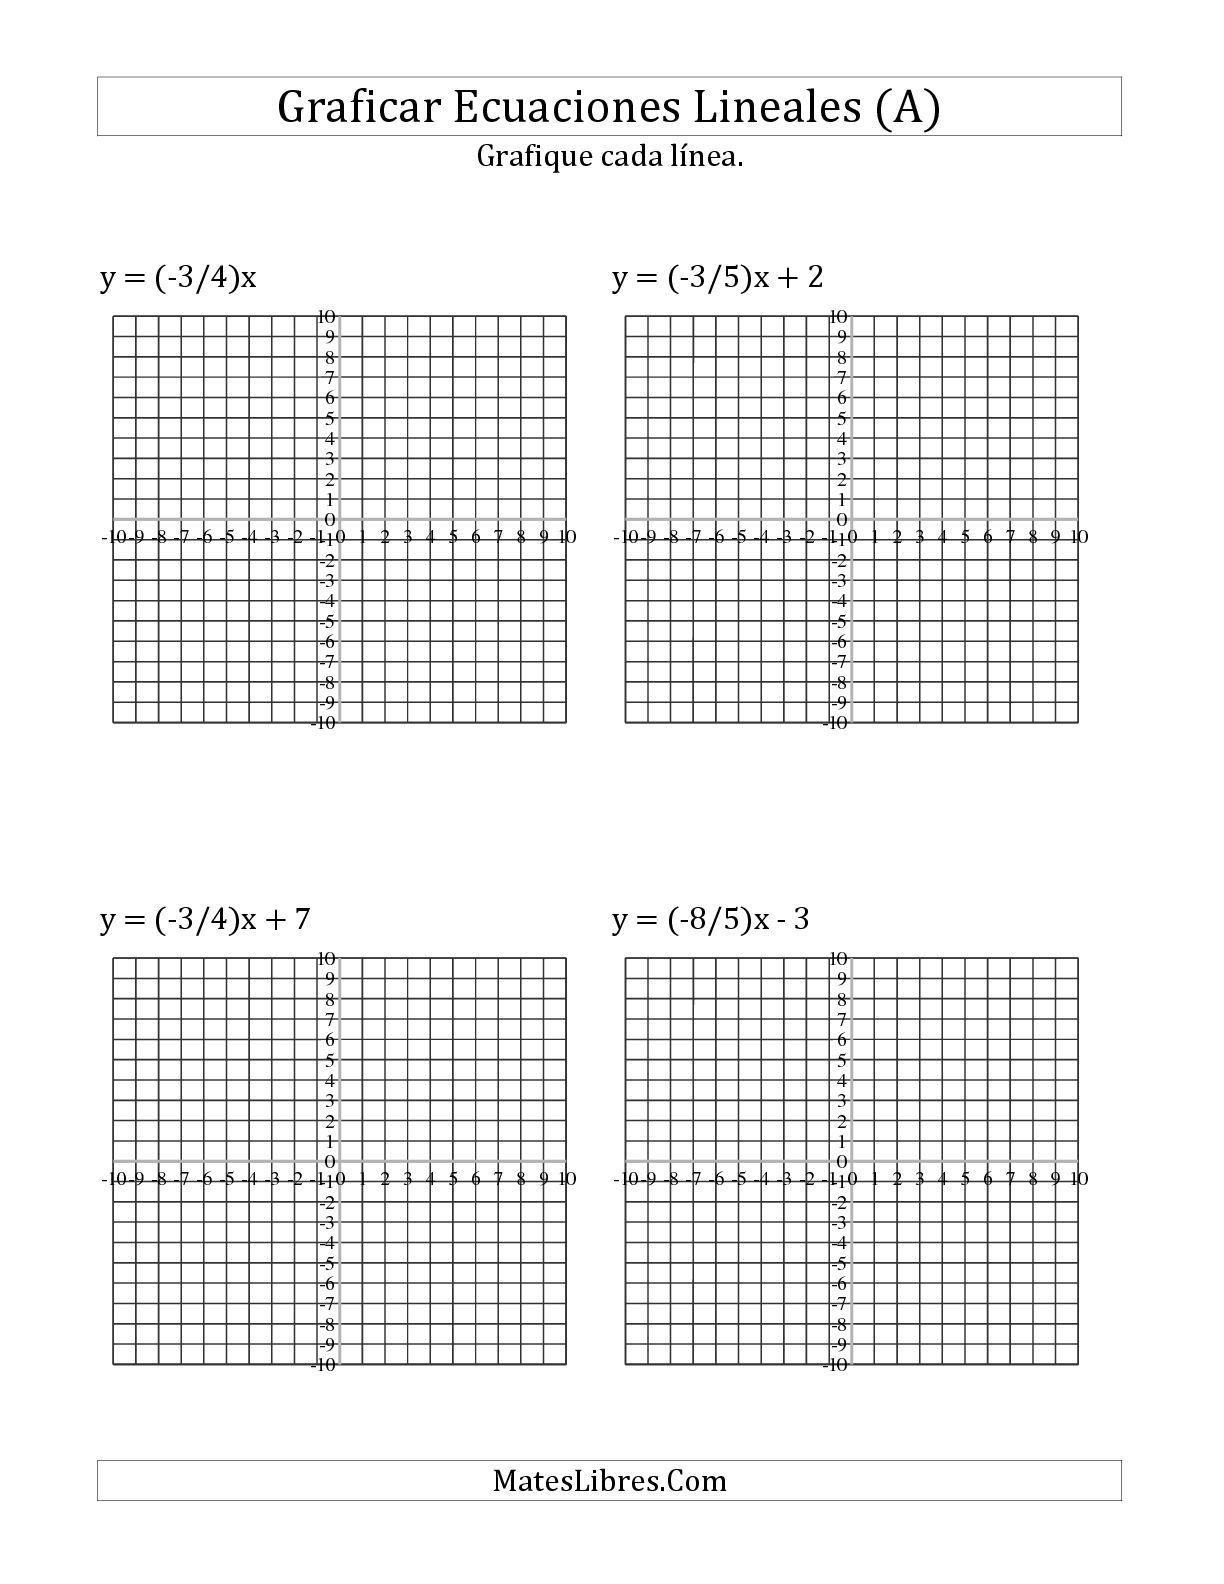 La hoja de ejercicios de Graficar Ecuaciones con Pendiente e ...